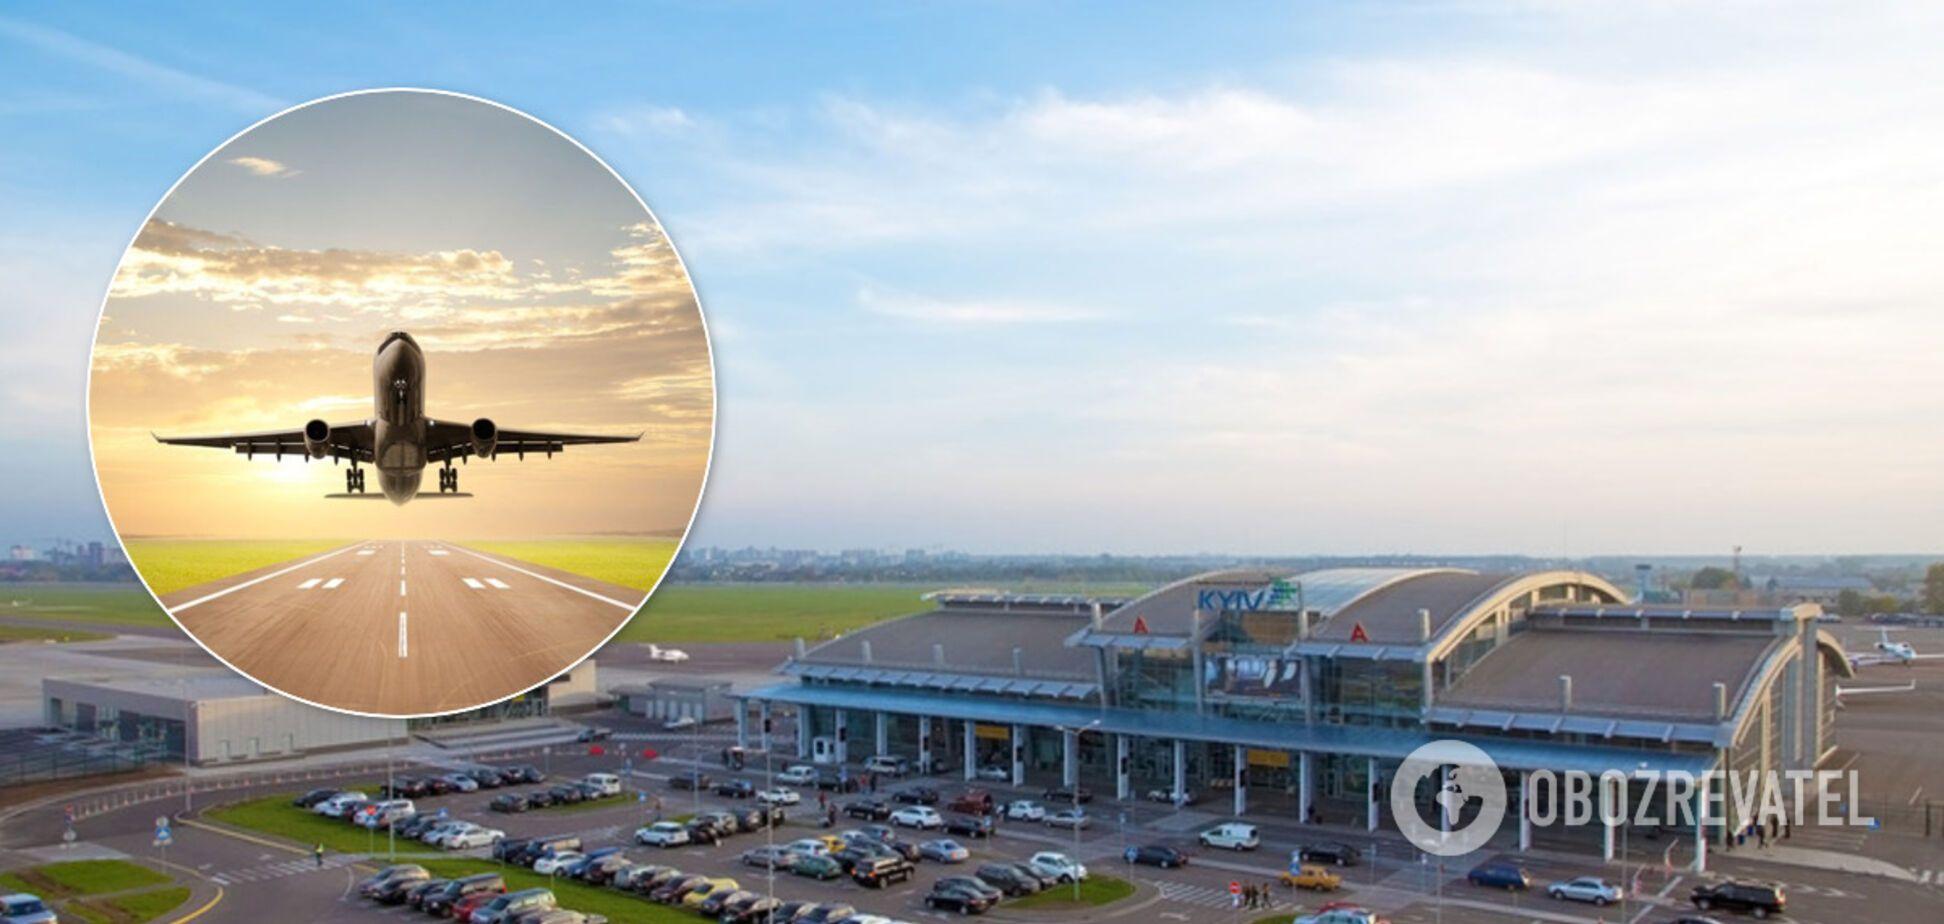 Аэропорт 'Киев' возобновил международные рейсы: куда можно полететь